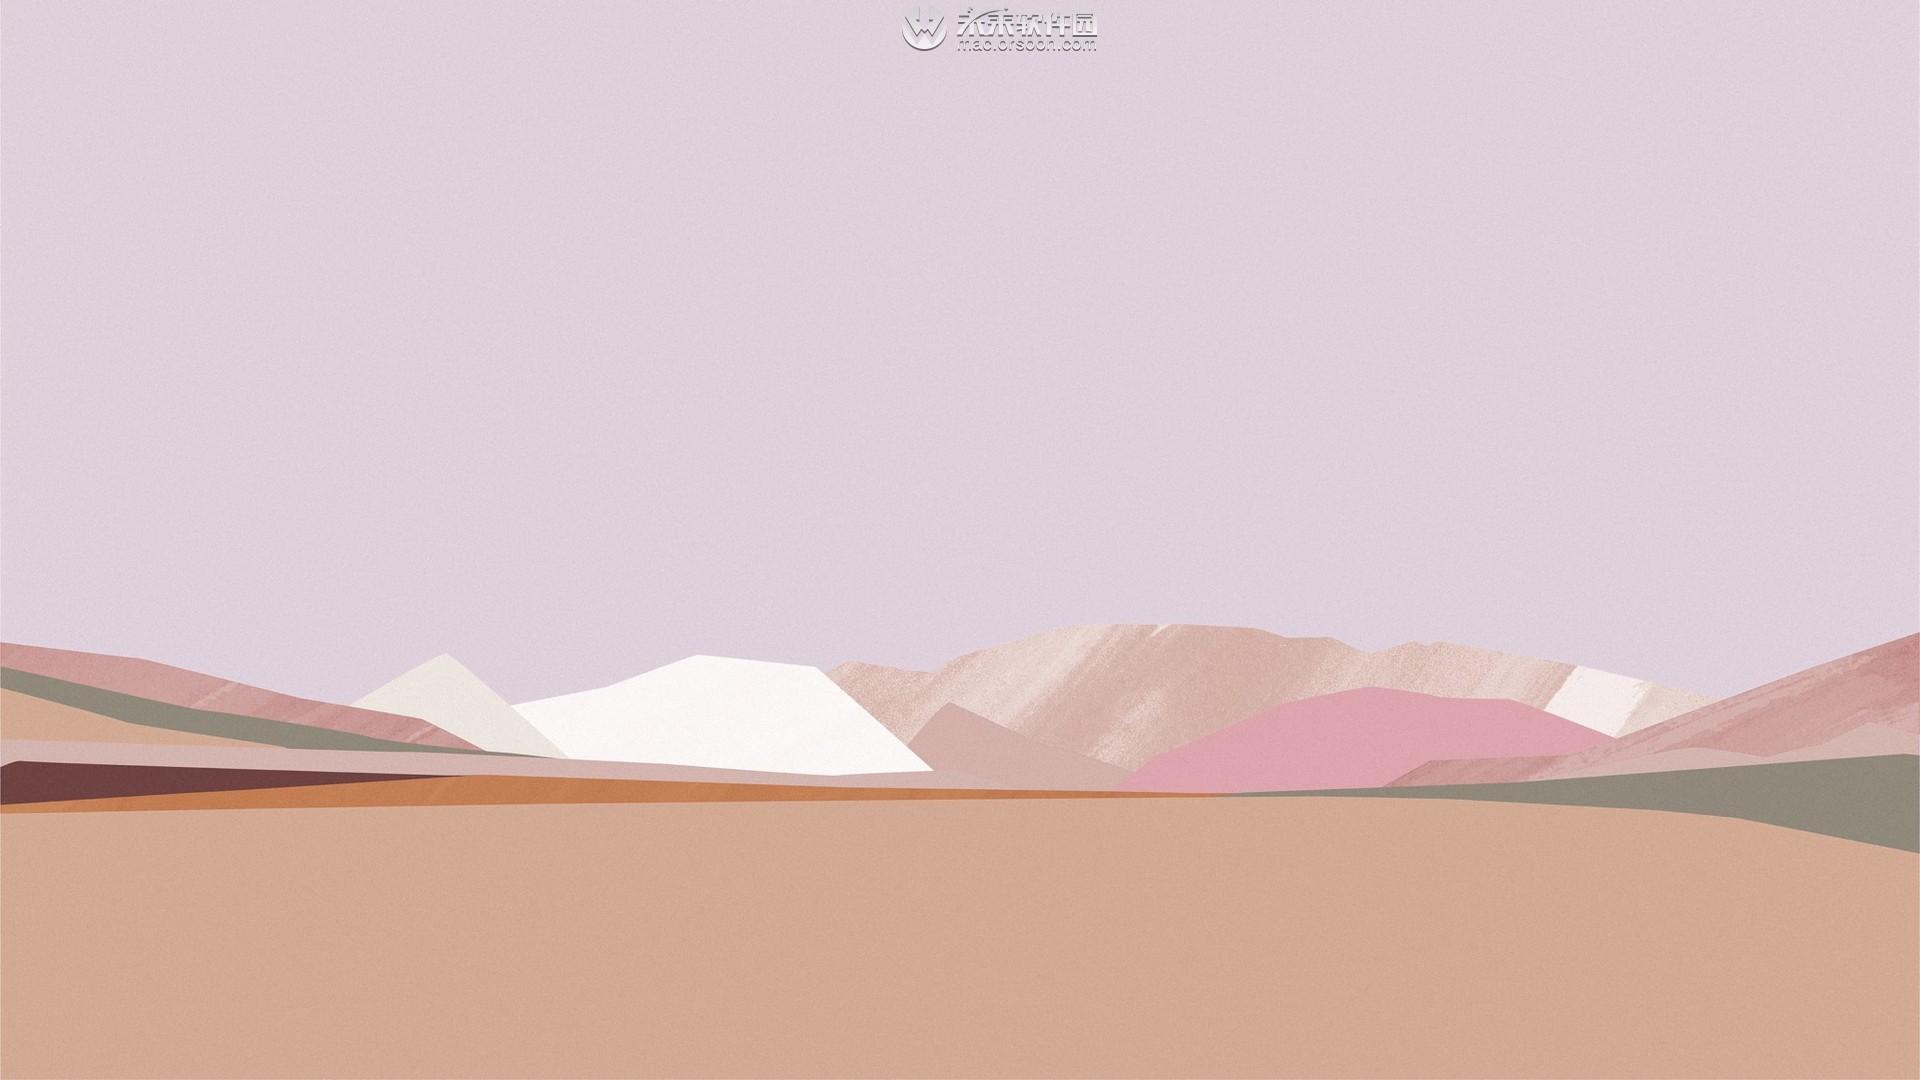 山地景观5K动态壁纸